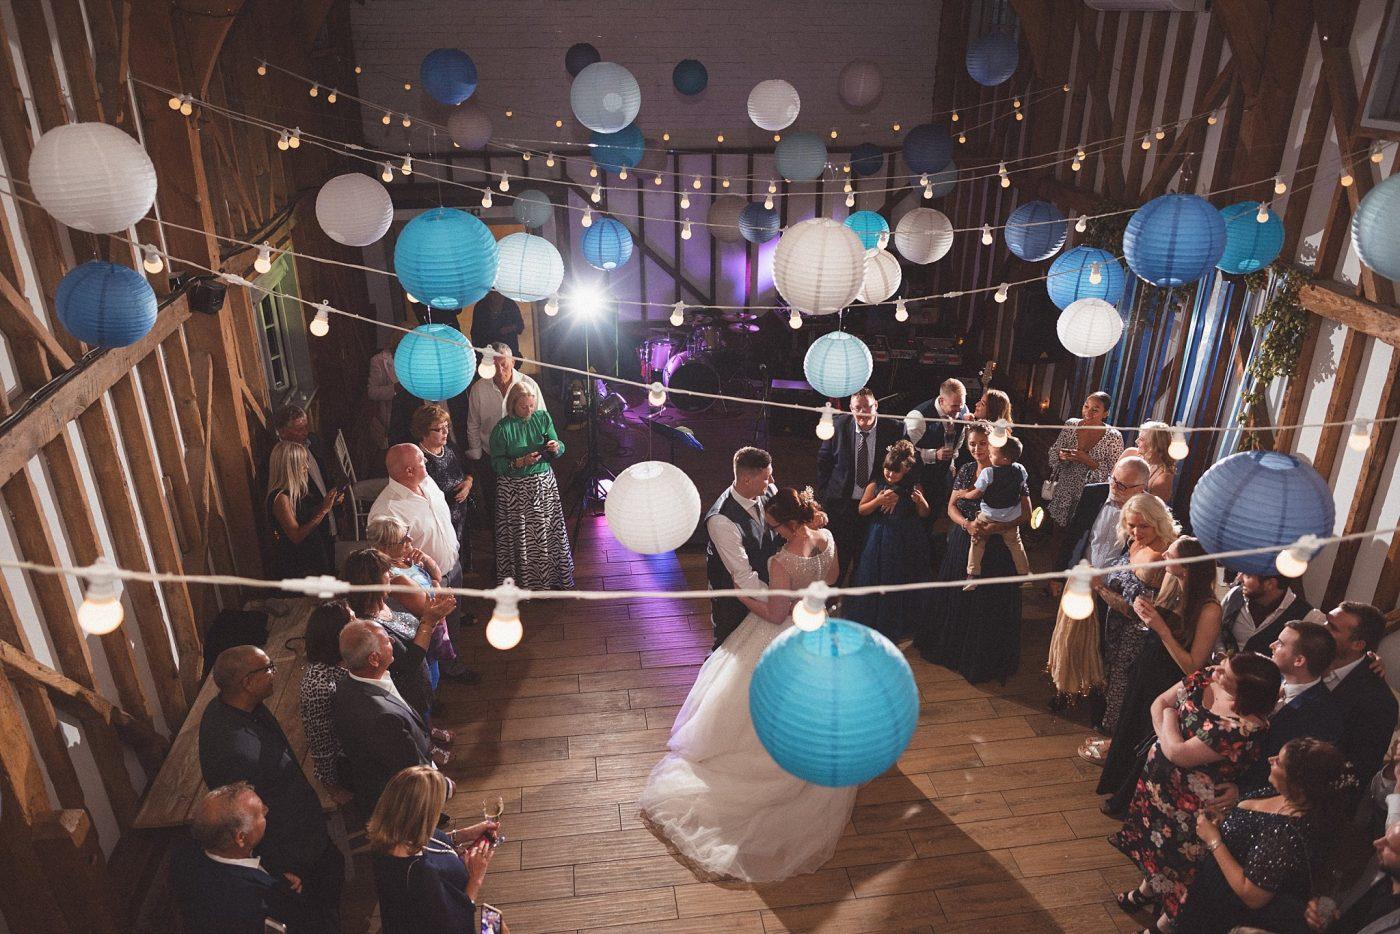 Fleur de Lace wedding details at Milling barn